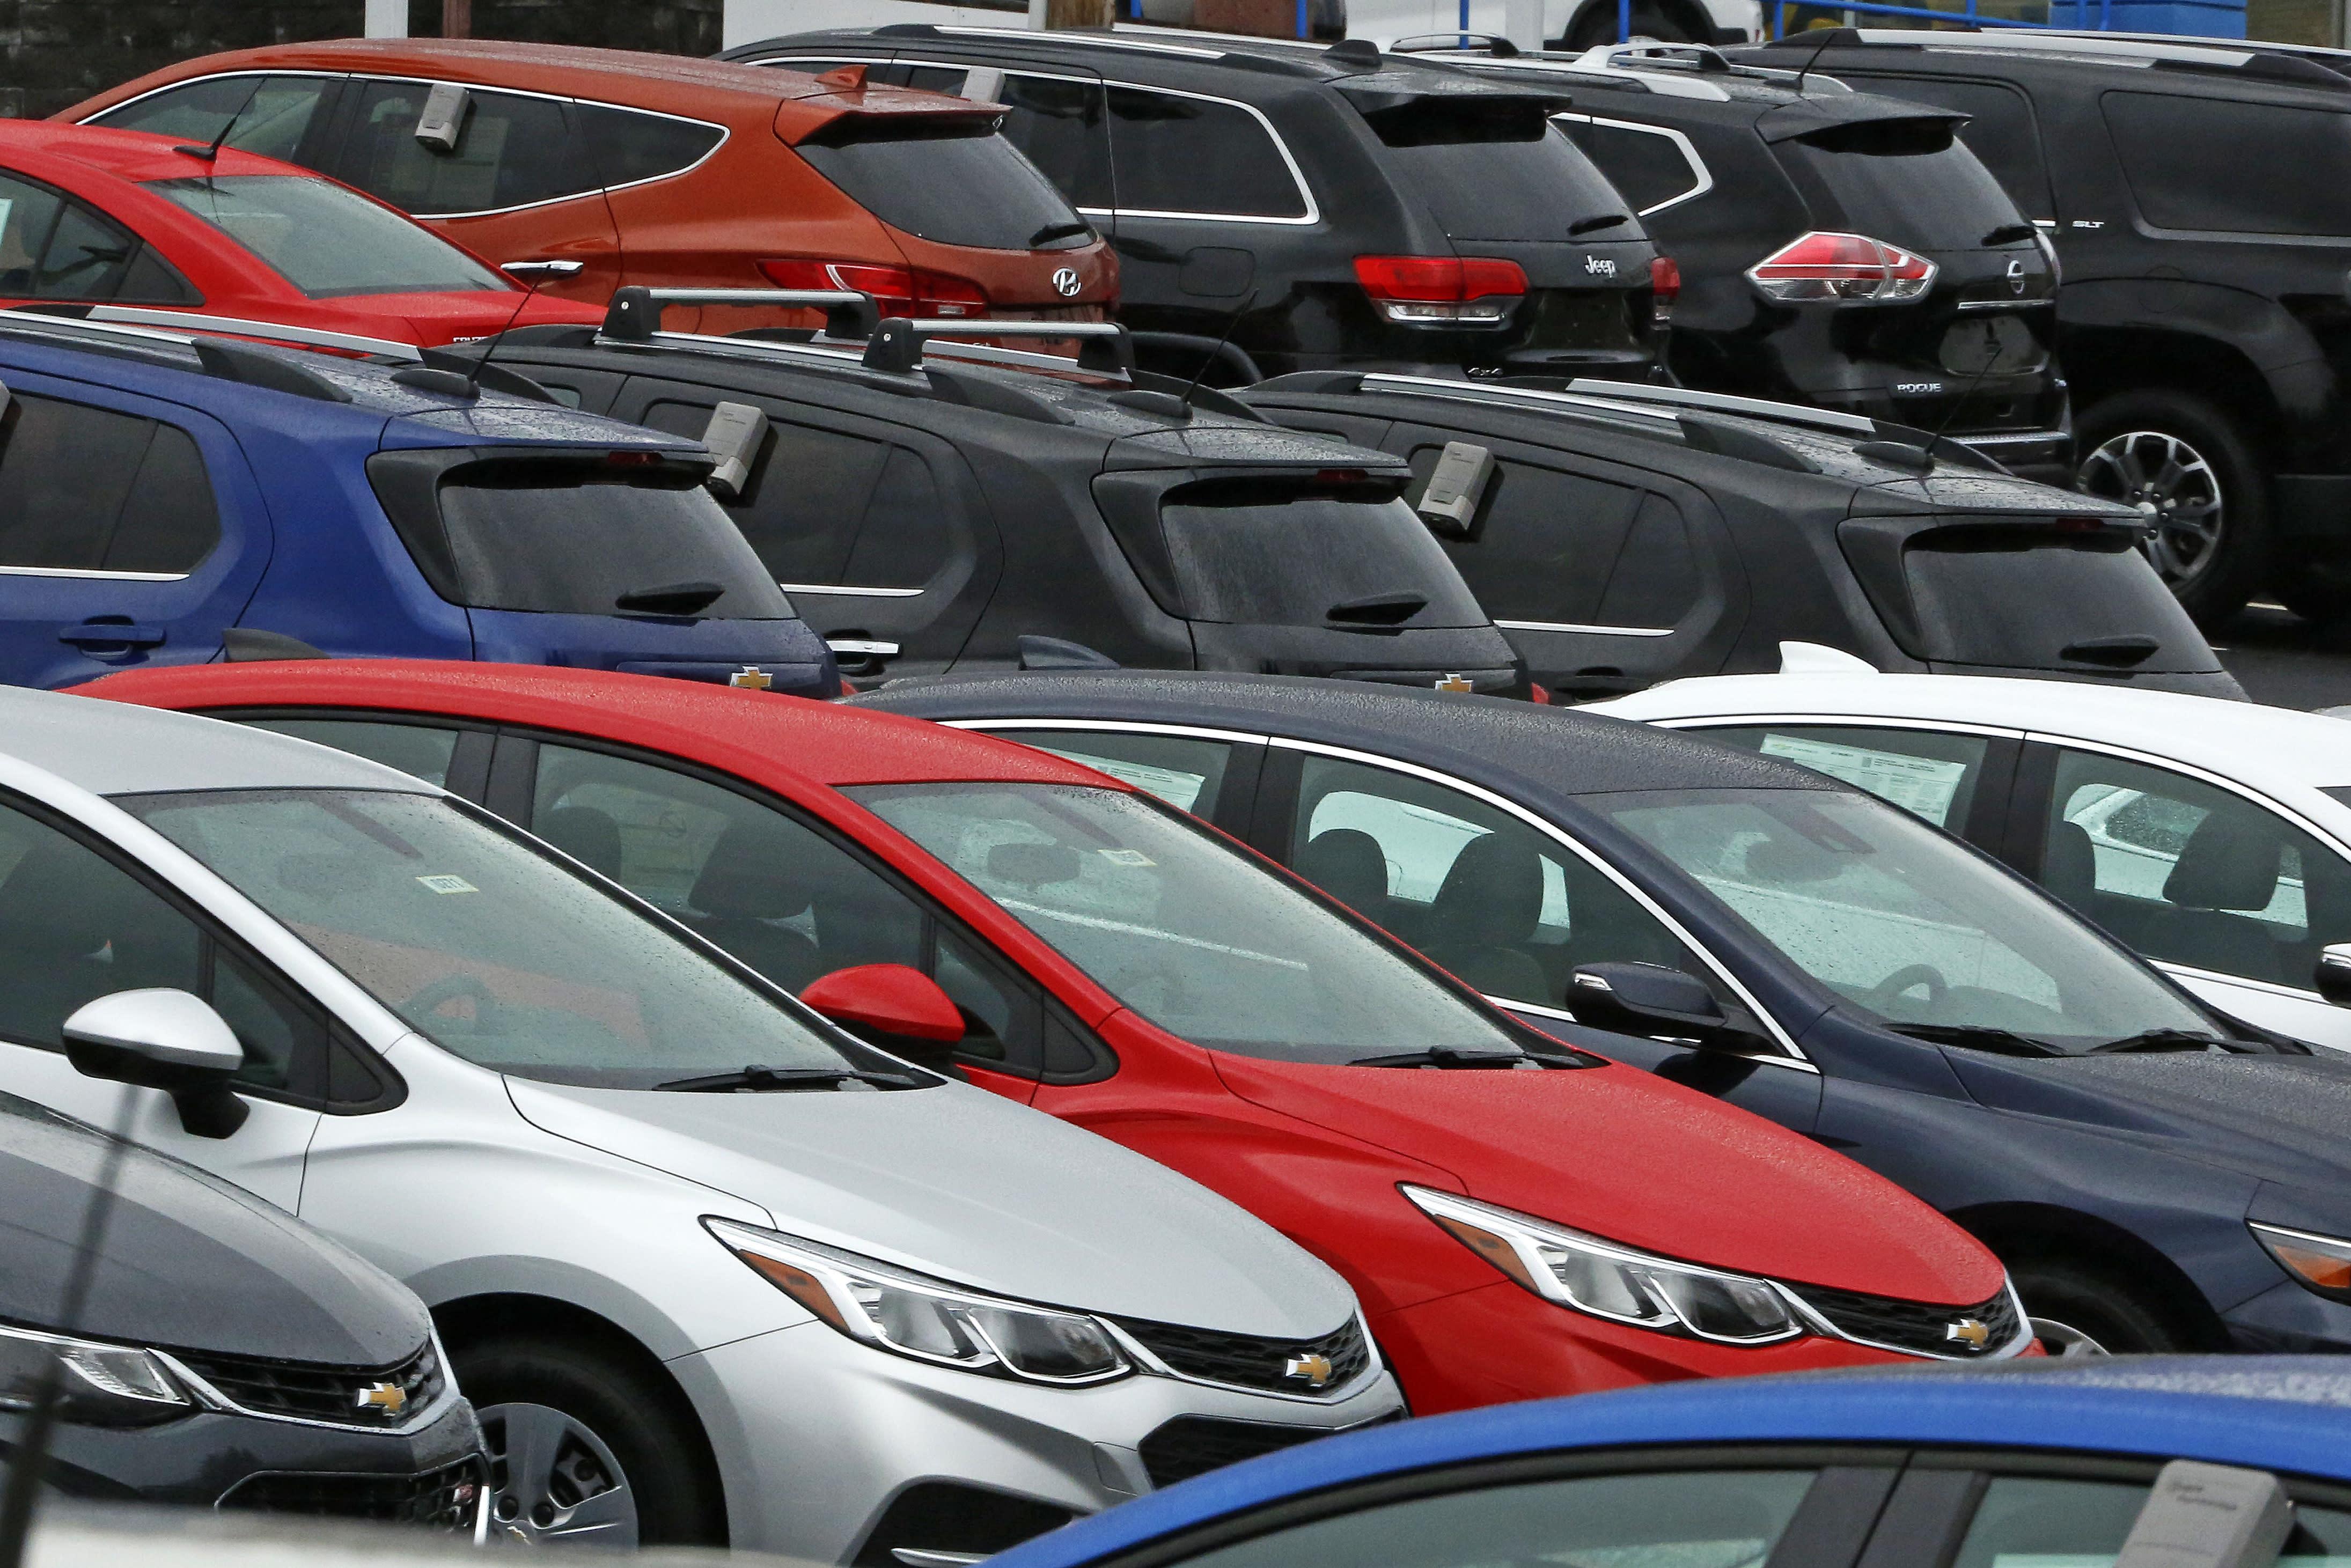 Hyundai motor company yahoo finance - Hyundai Motor Company Yahoo Finance 12